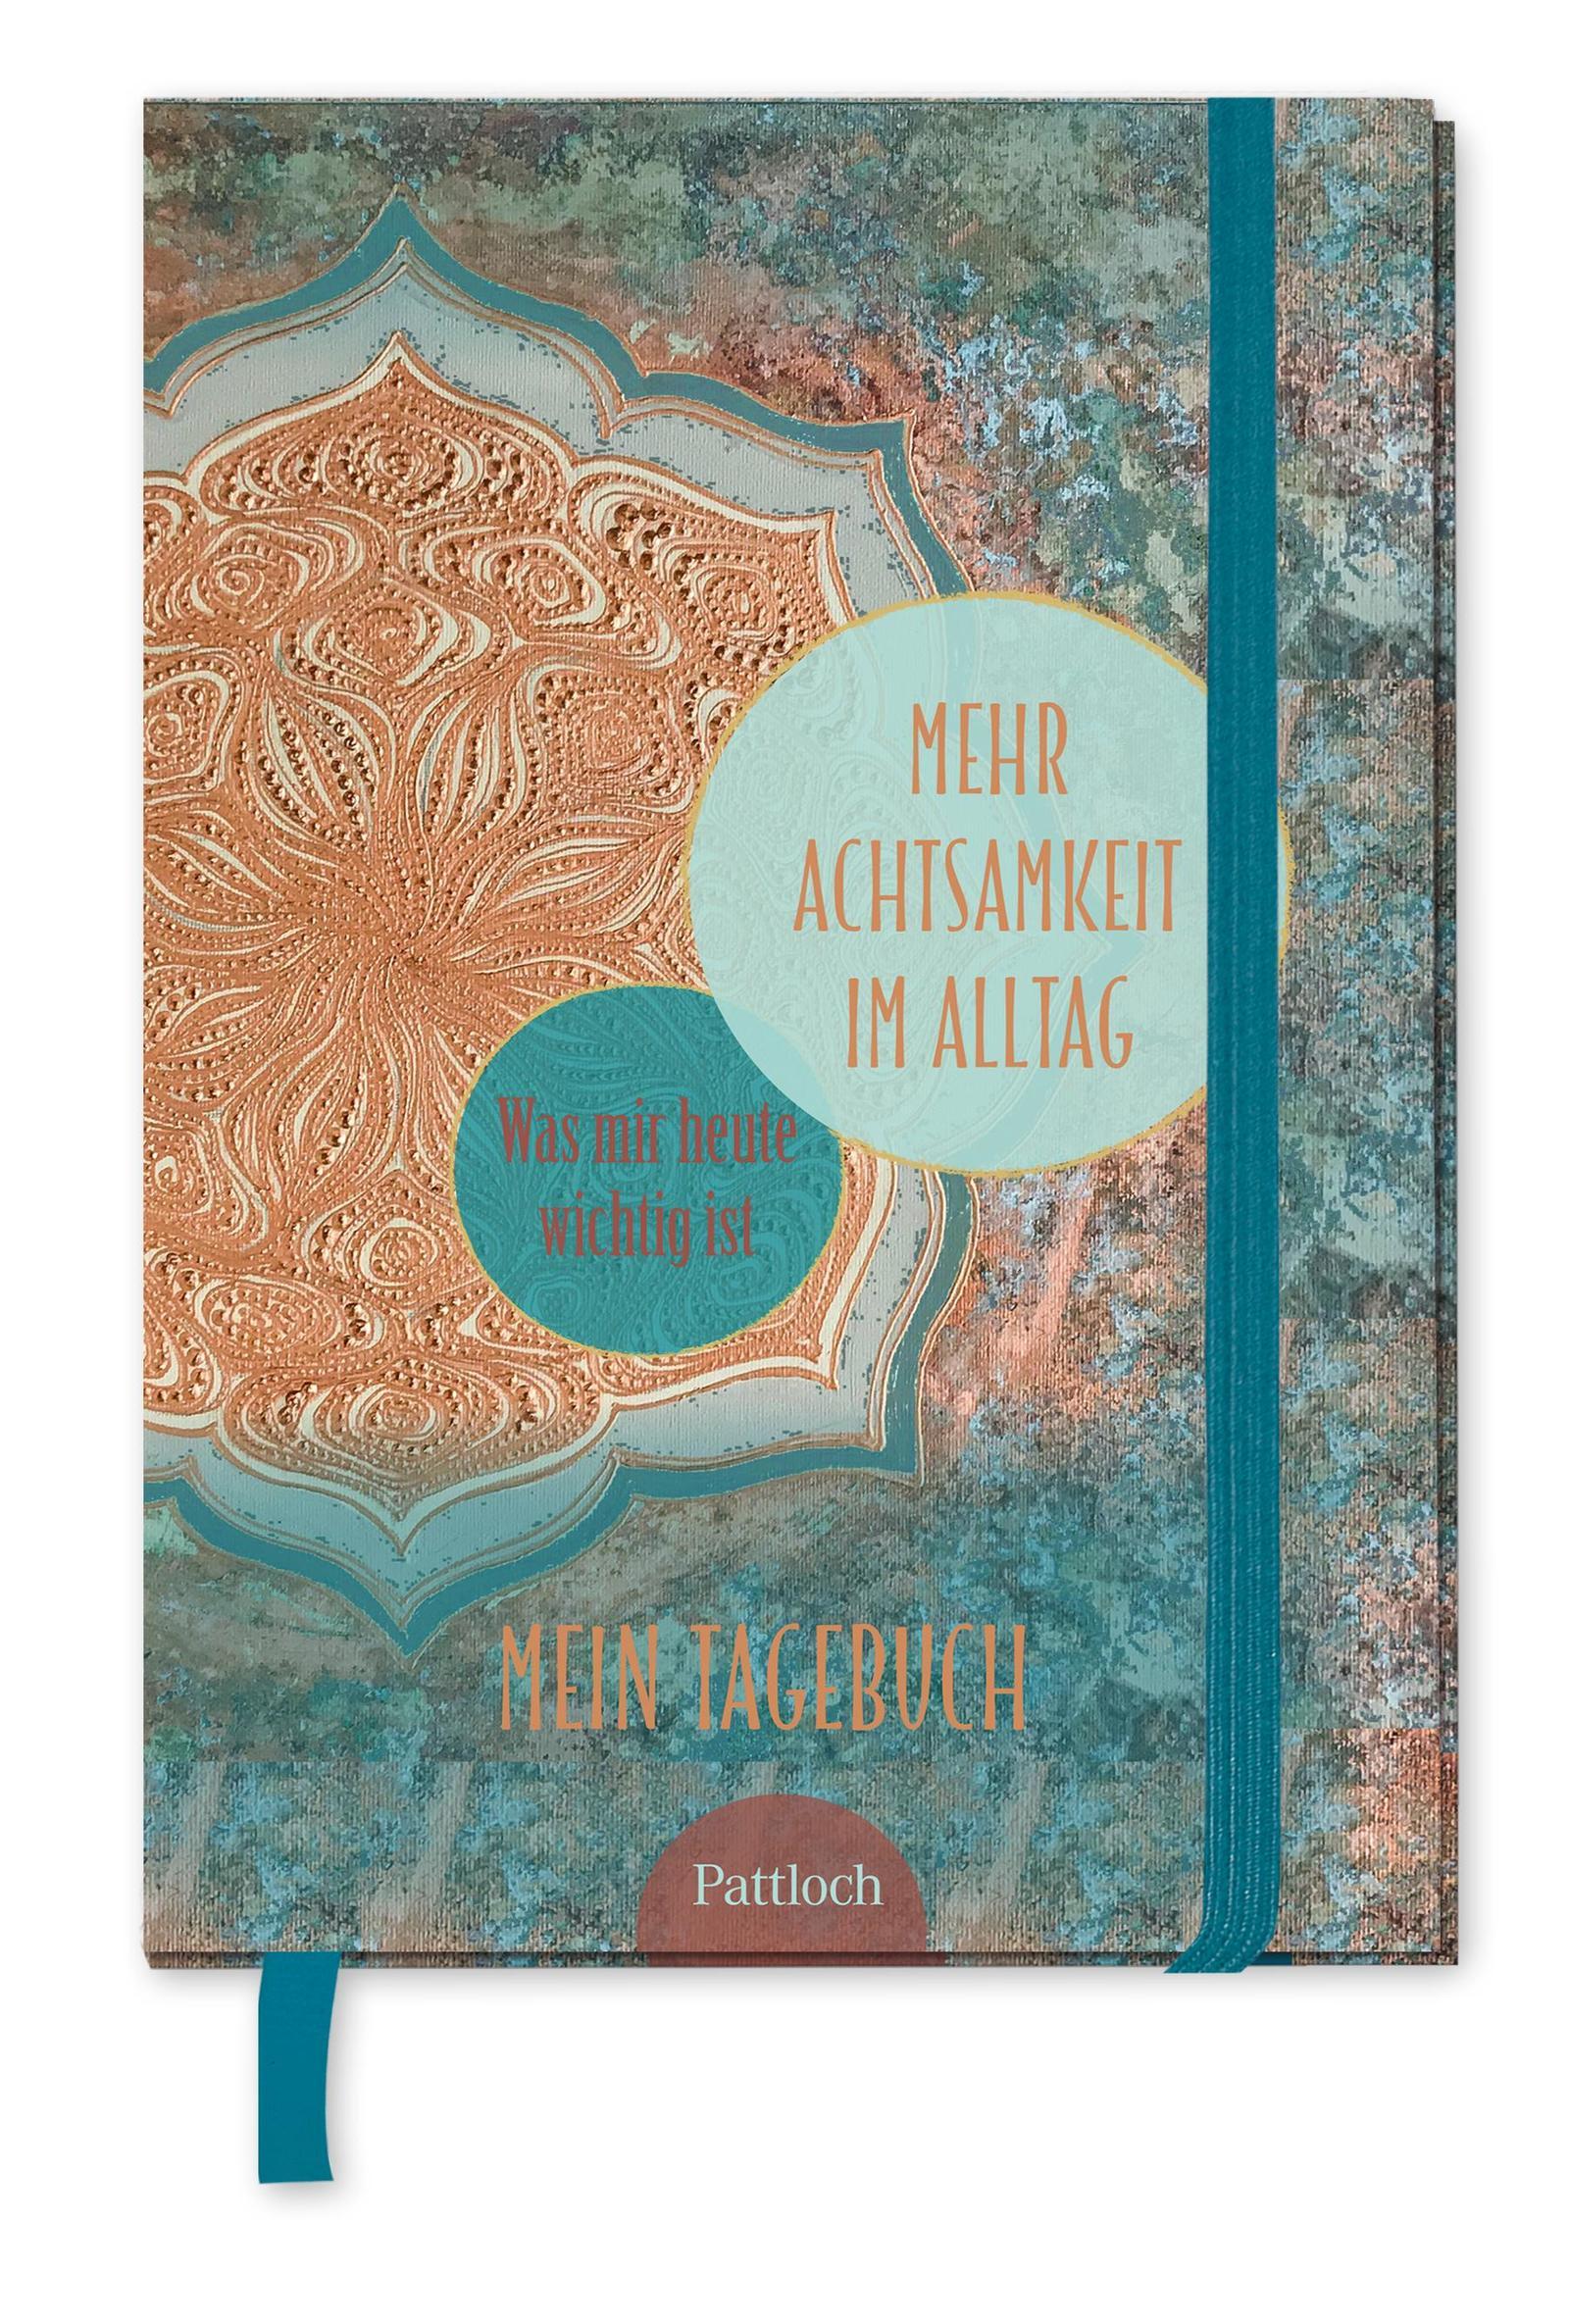 Mein Tagebuch - Mehr Achtsamkeit im Alltag